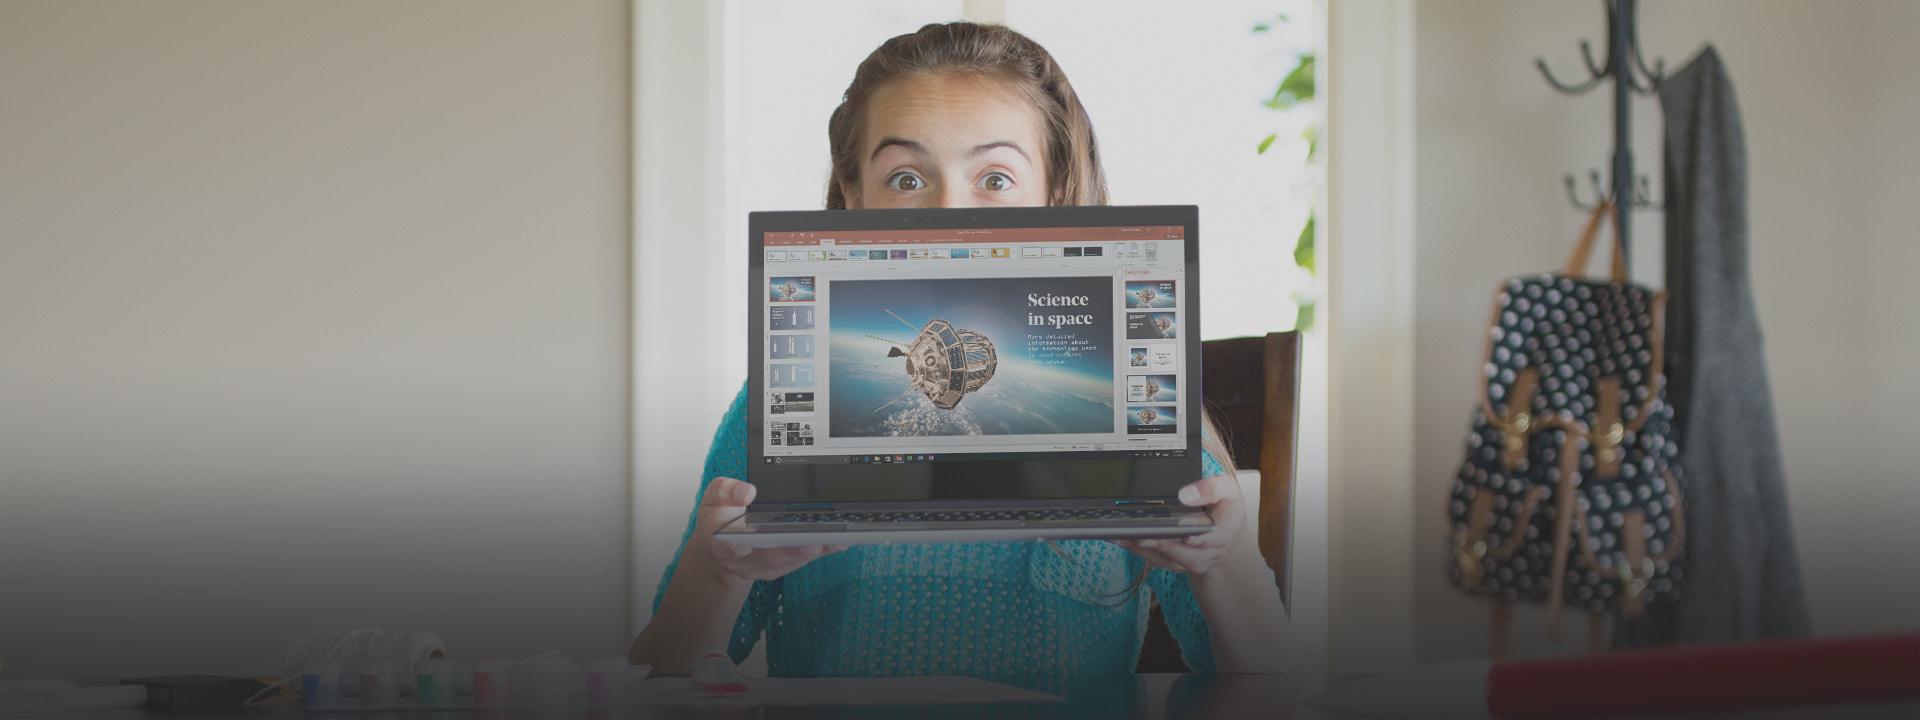 PC, les mer om Office 365